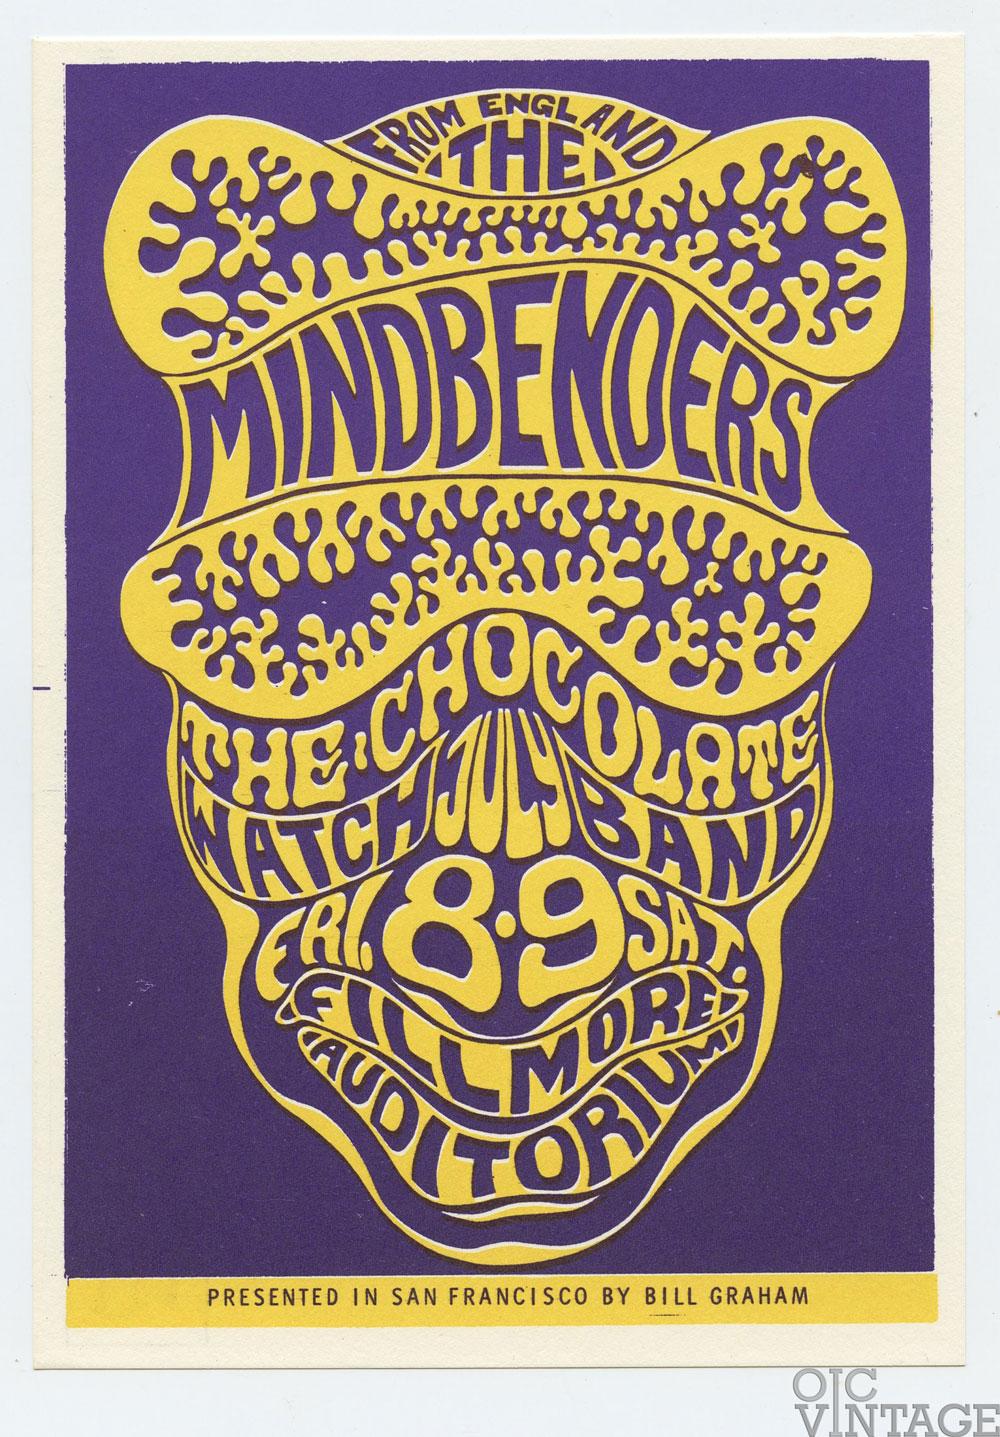 BG 16 Postcard Mindbenders 1966 Jul 8